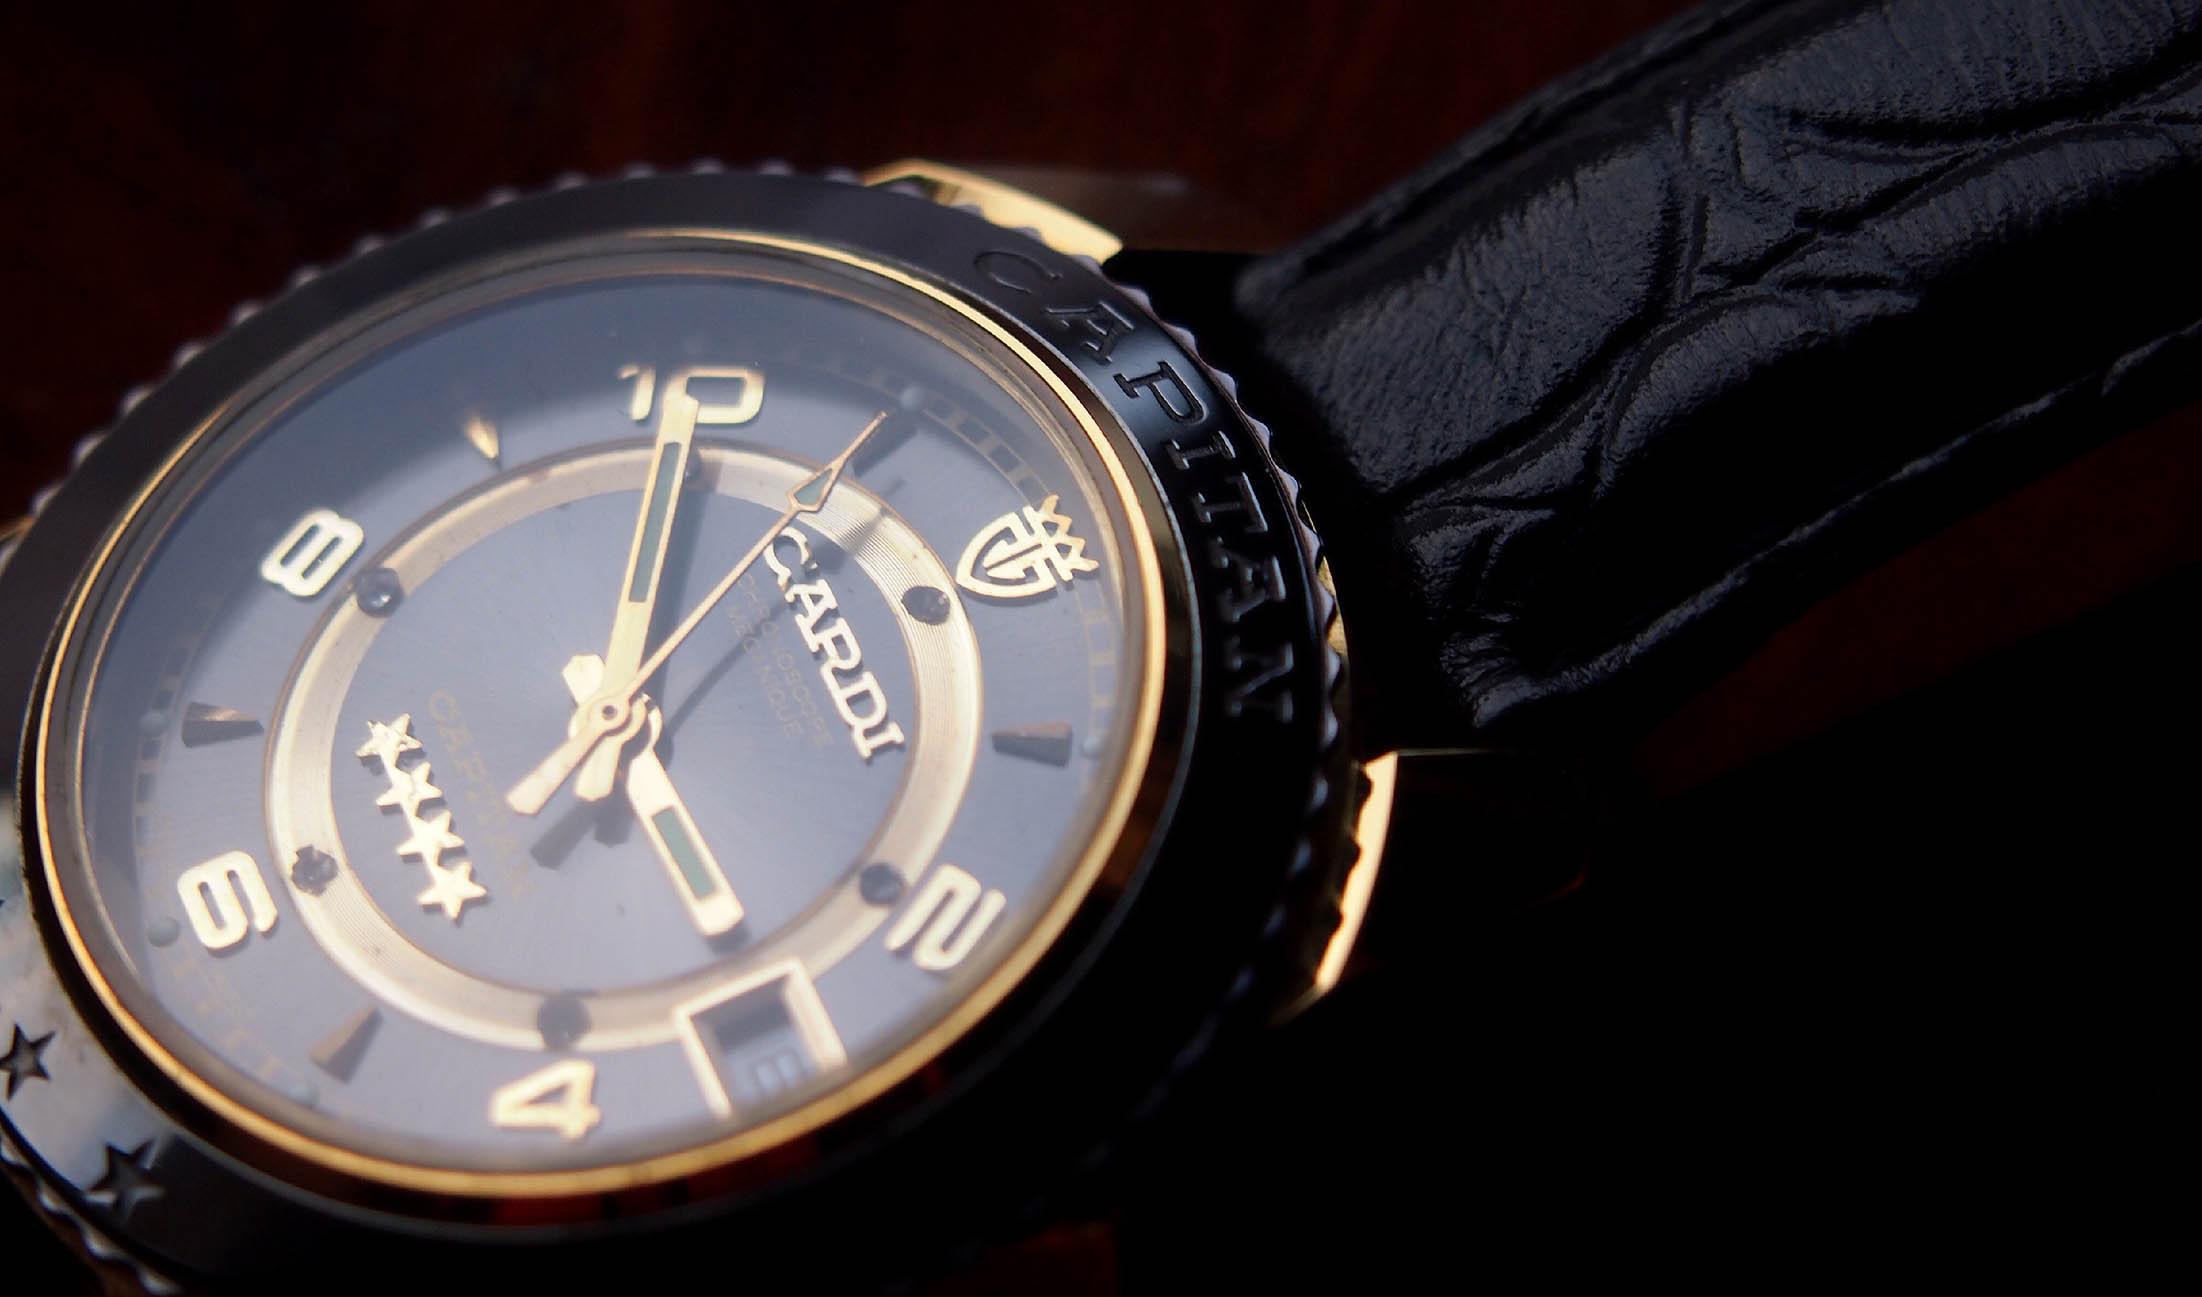 prezzi economici bambino come trovare Cardi Capitan 4 Stelle - russian-watches.it